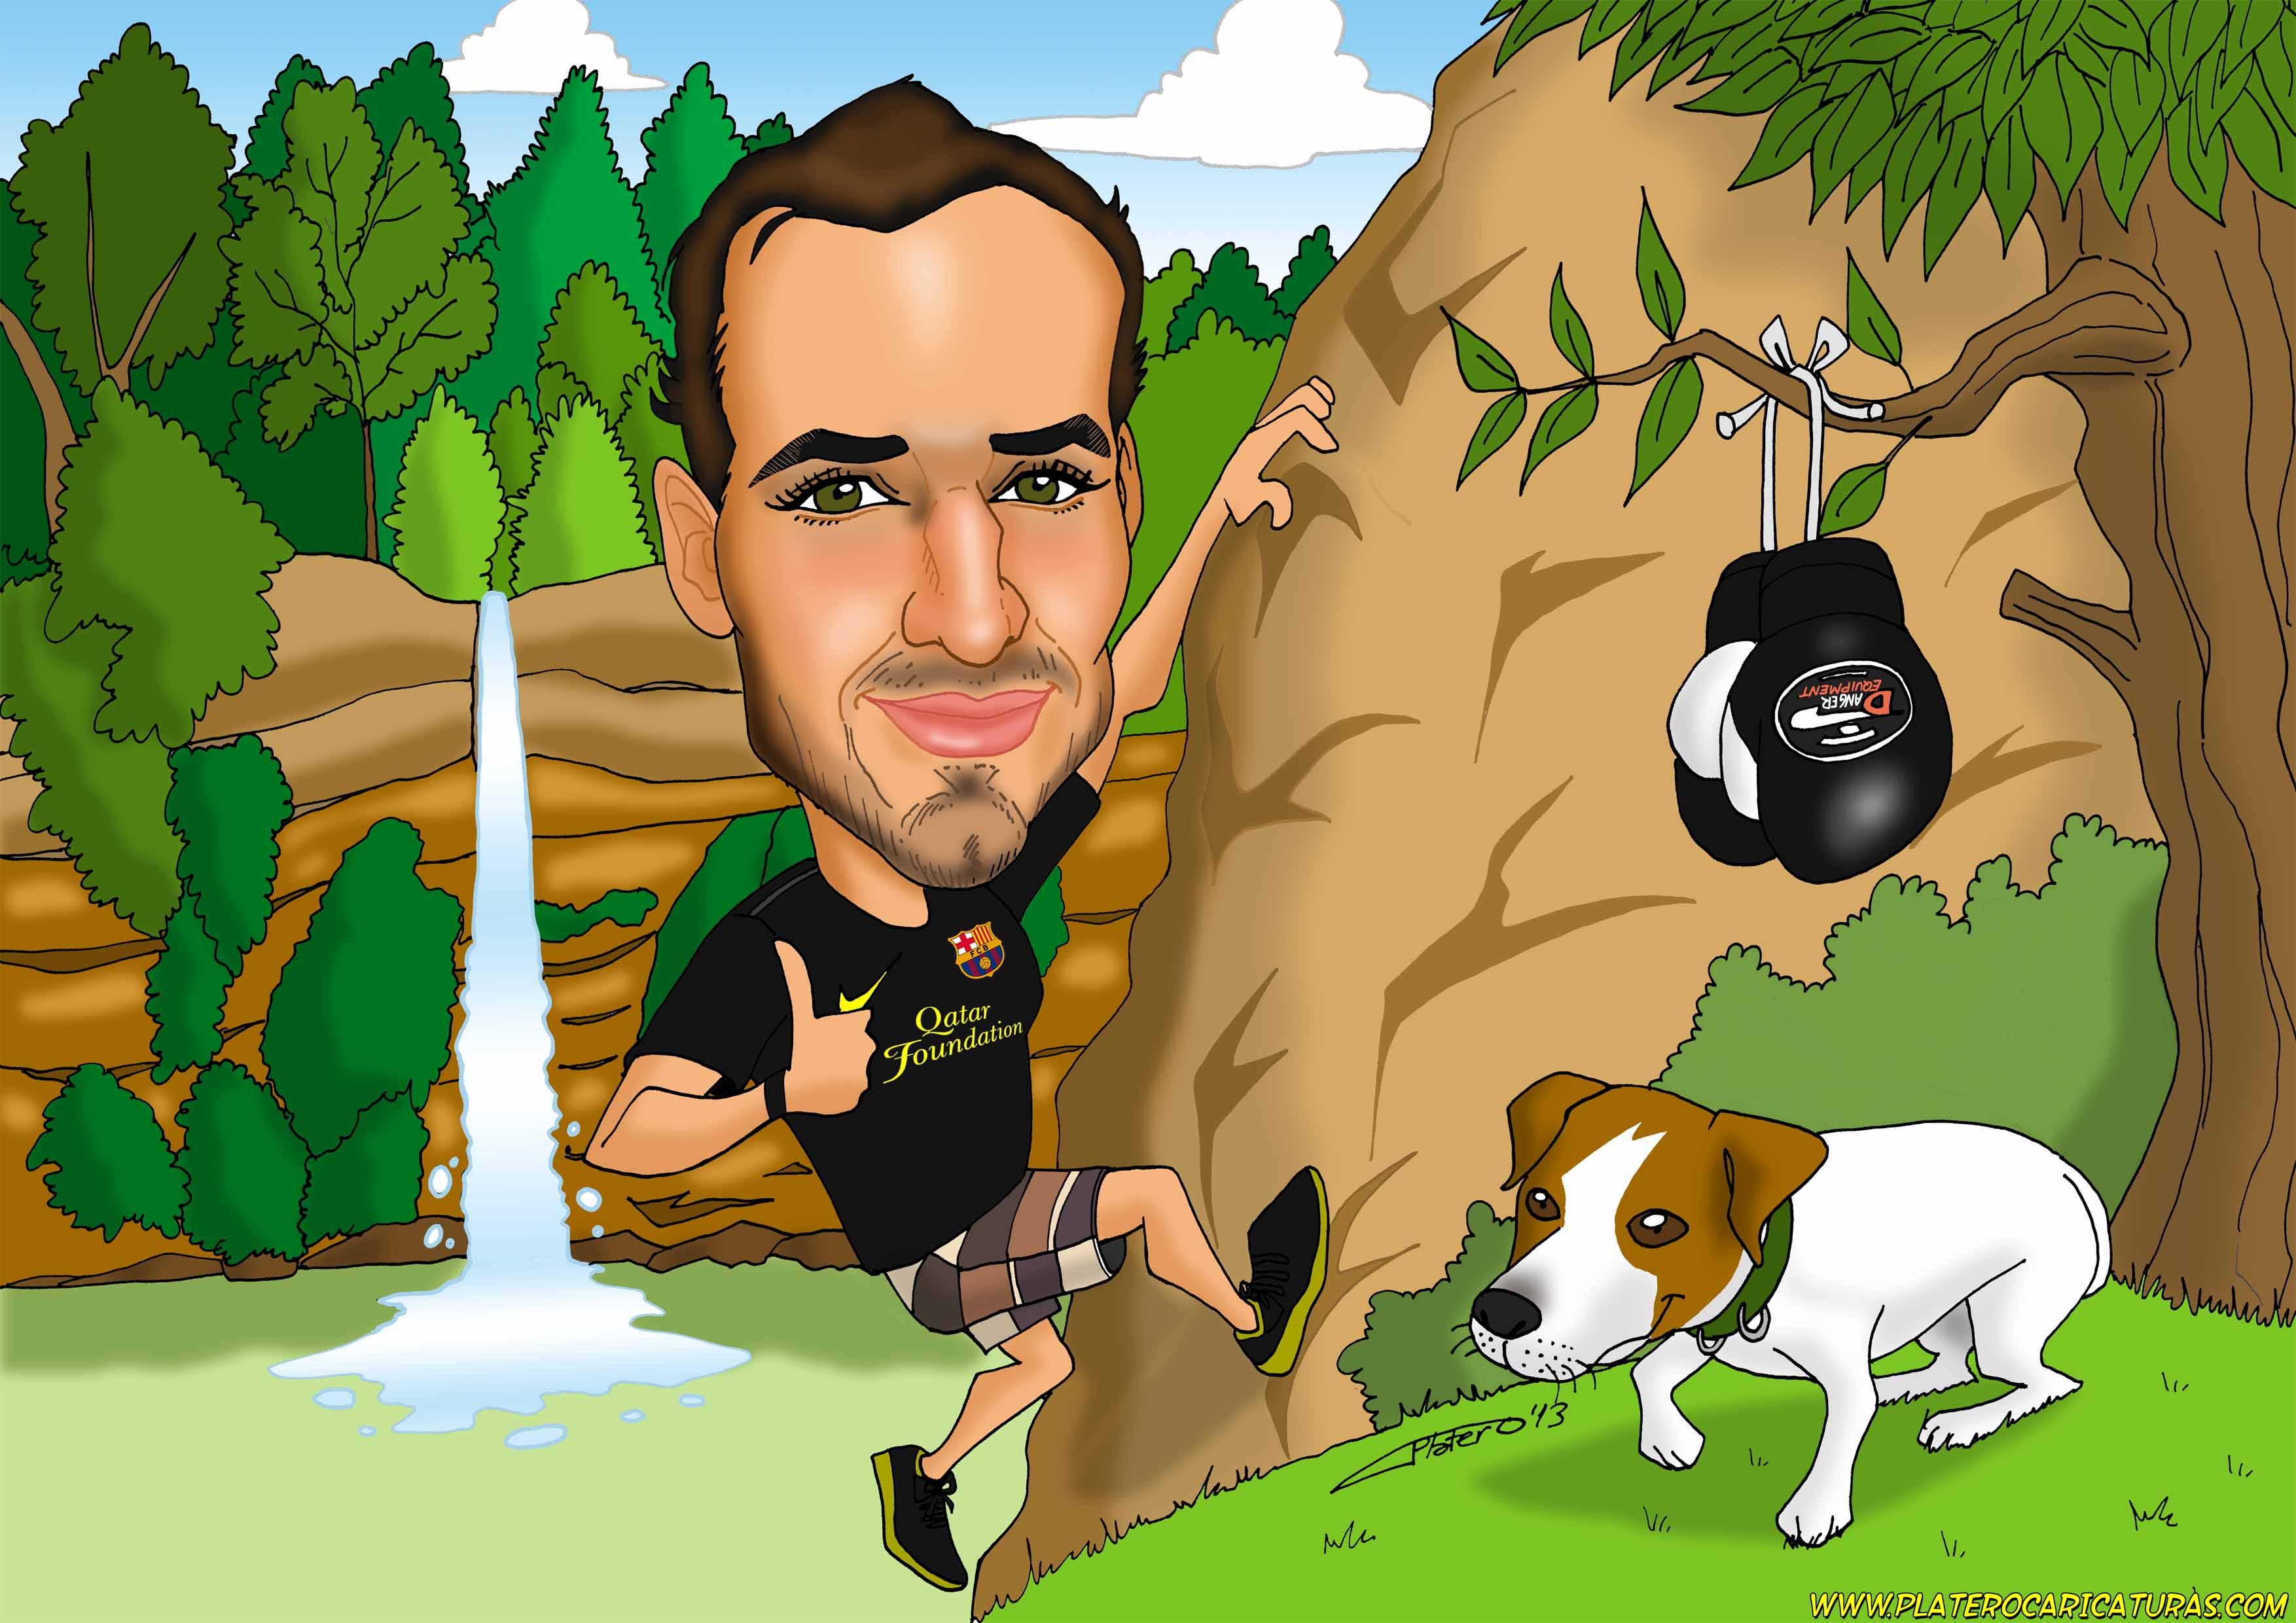 caricaturas a color por encargo personalizadas_escalador_platerocaricaturas_josé